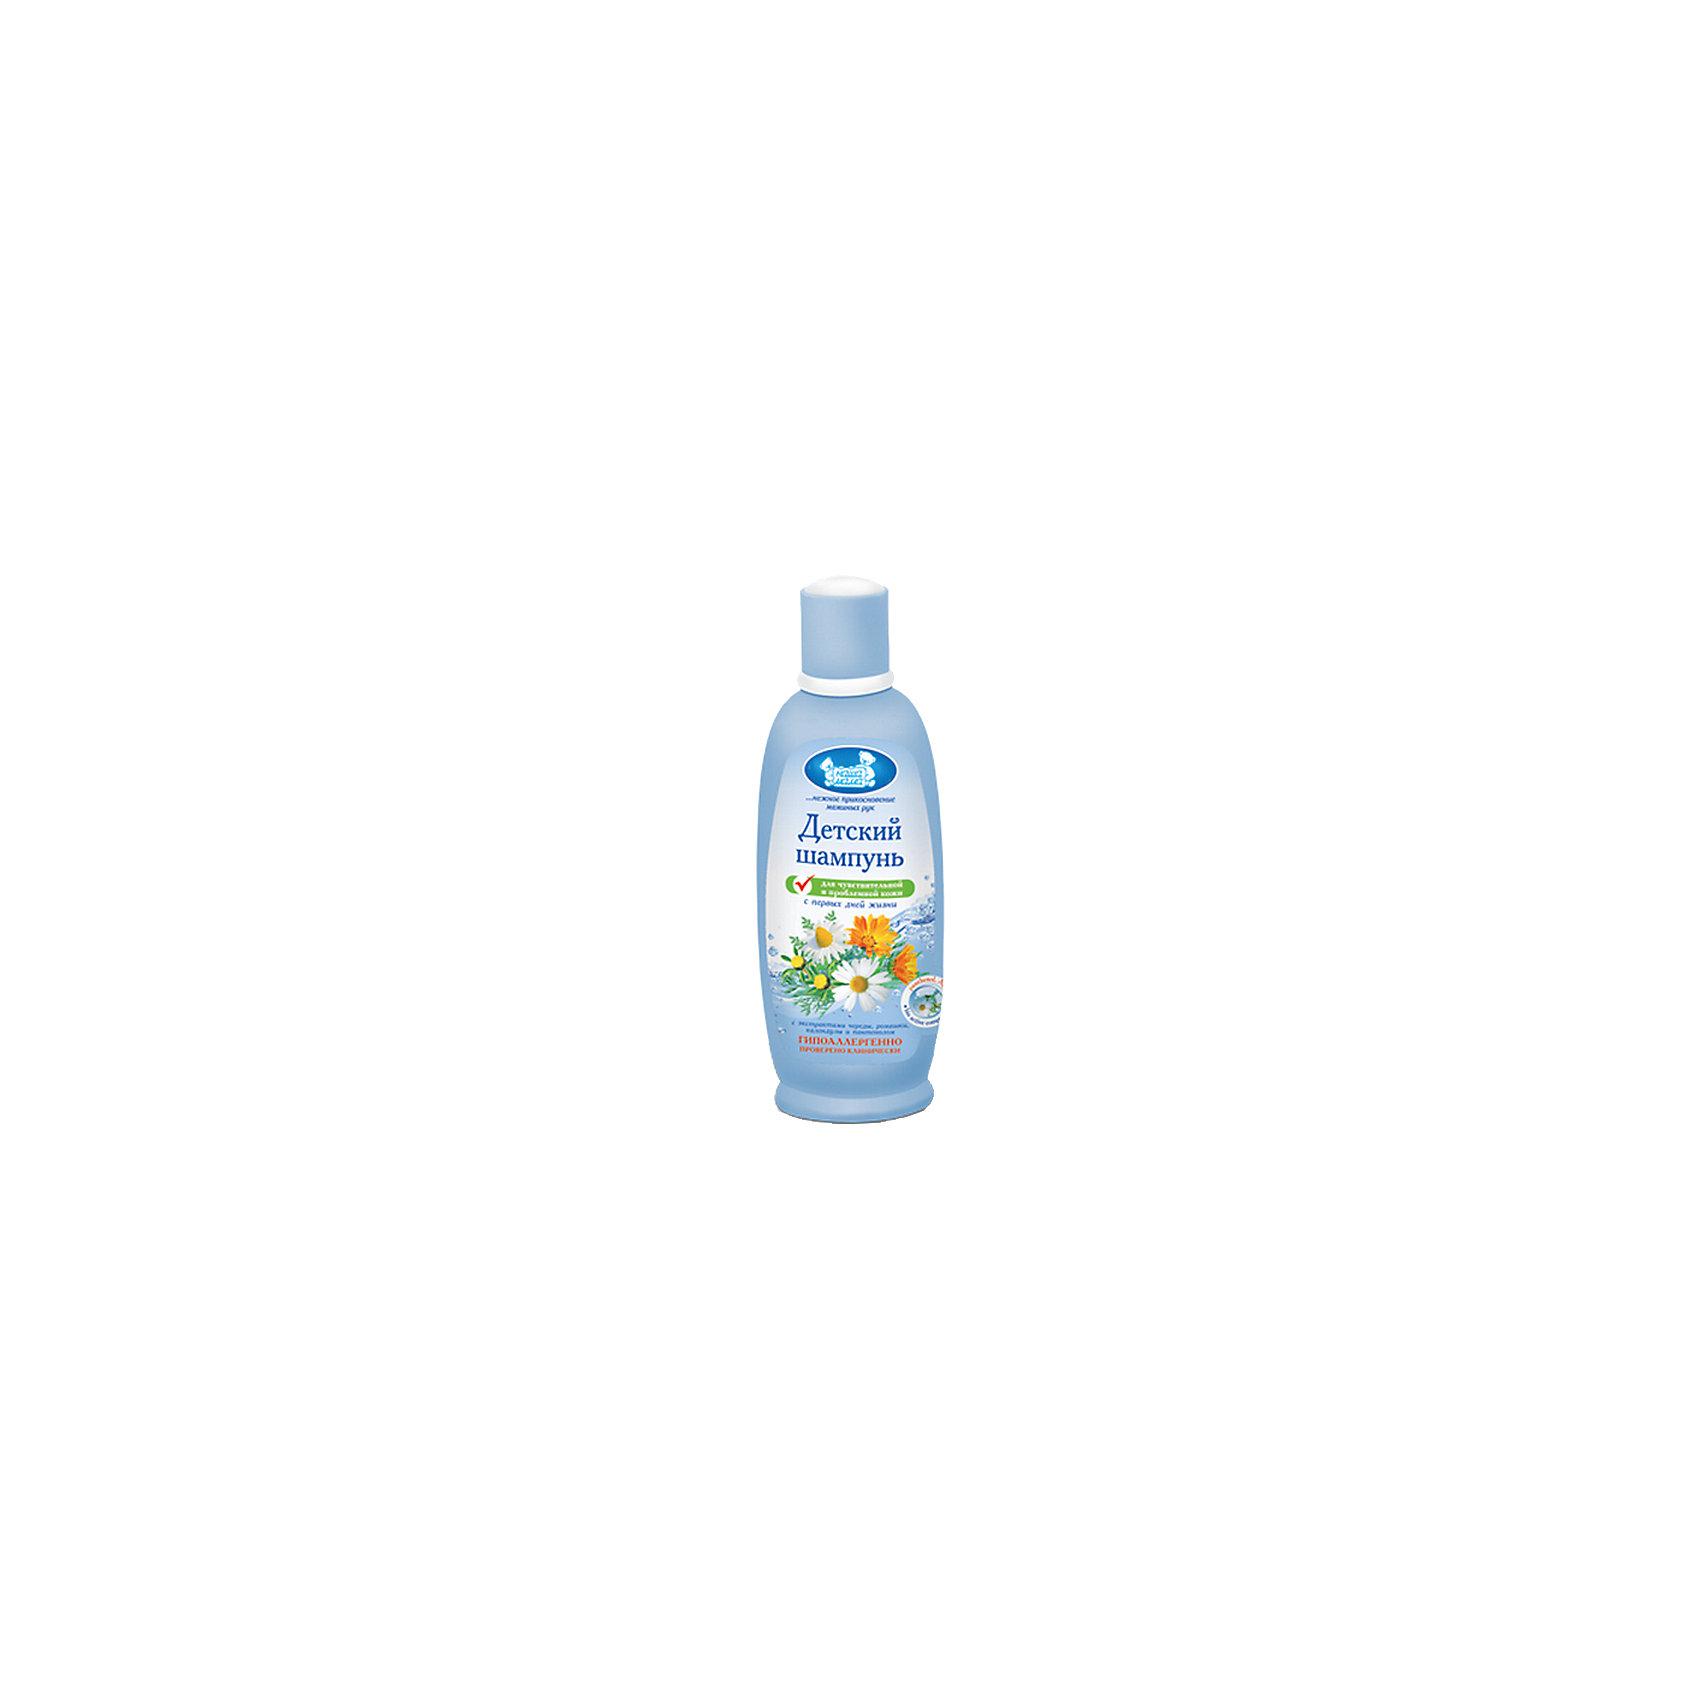 Шампунь для чувствительной кожи 150 мл, Наша МамаКосметика для купания<br>Специальный мягкий шампунь на основе растительных ПАВ нежно очищает волосы, не оказывая обезжиривающего действия на чувствительную кожу головы малыша. Благодаря натуральным экстрактам восстанавливает естественную пышность и мягкость волос. Рекомендуется как средство для предрасположенной к воспалительным процессам кожи. Не раздражает глазки малыша.<br><br>Ширина мм: 35<br>Глубина мм: 60<br>Высота мм: 145<br>Вес г: 170<br>Возраст от месяцев: 0<br>Возраст до месяцев: 36<br>Пол: Унисекс<br>Возраст: Детский<br>SKU: 4124408